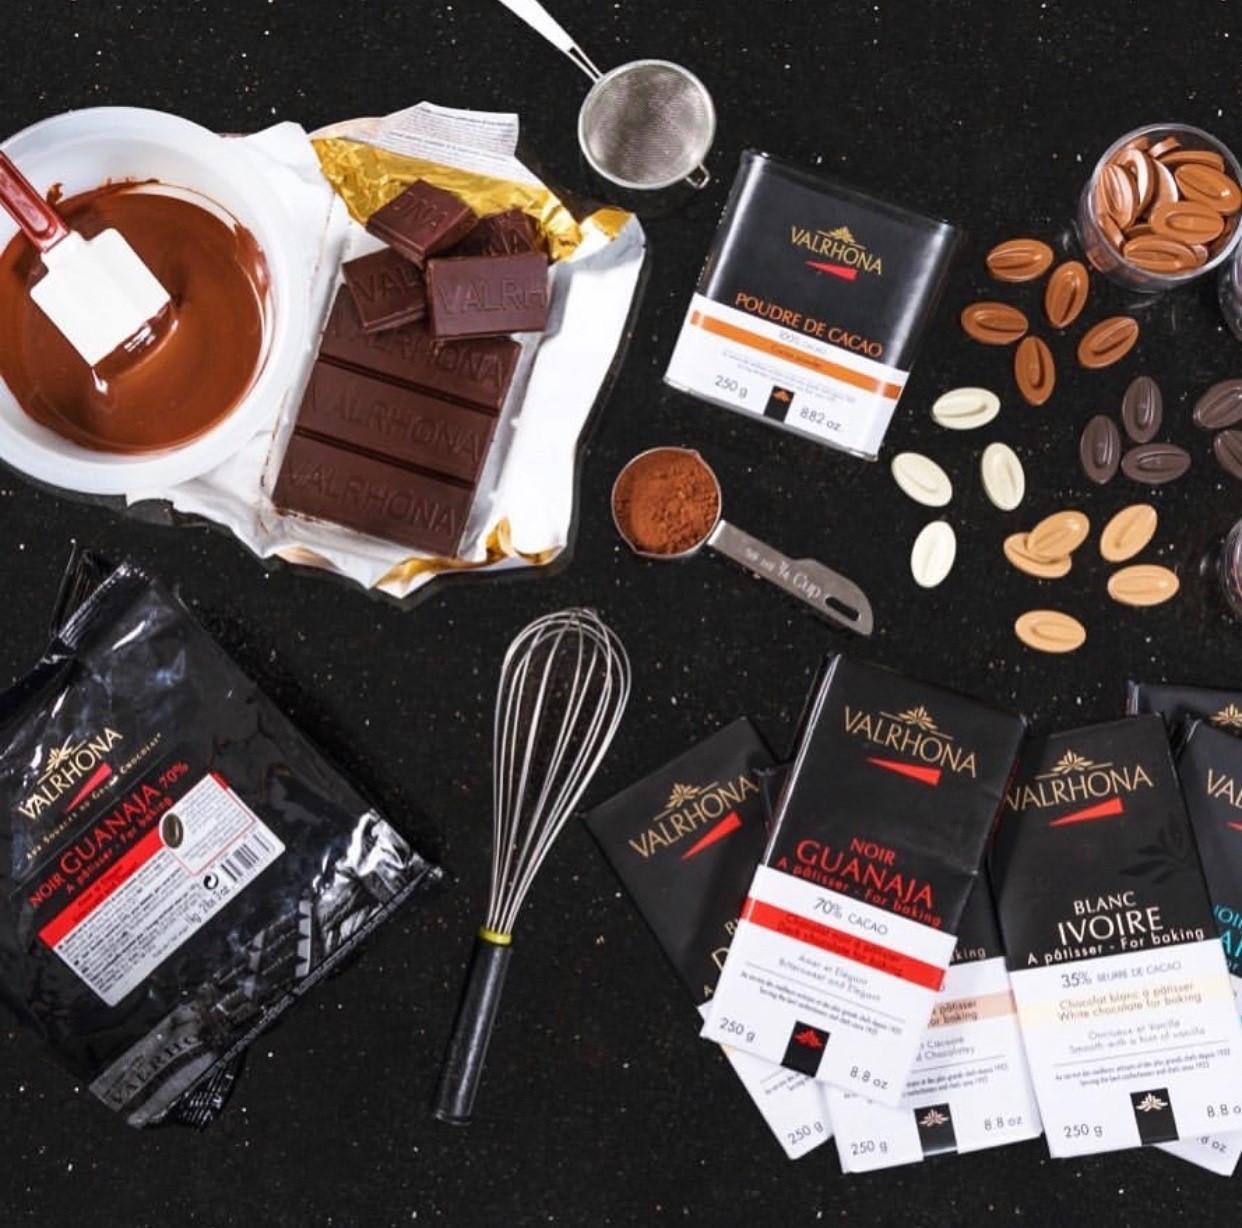 baking chocolate